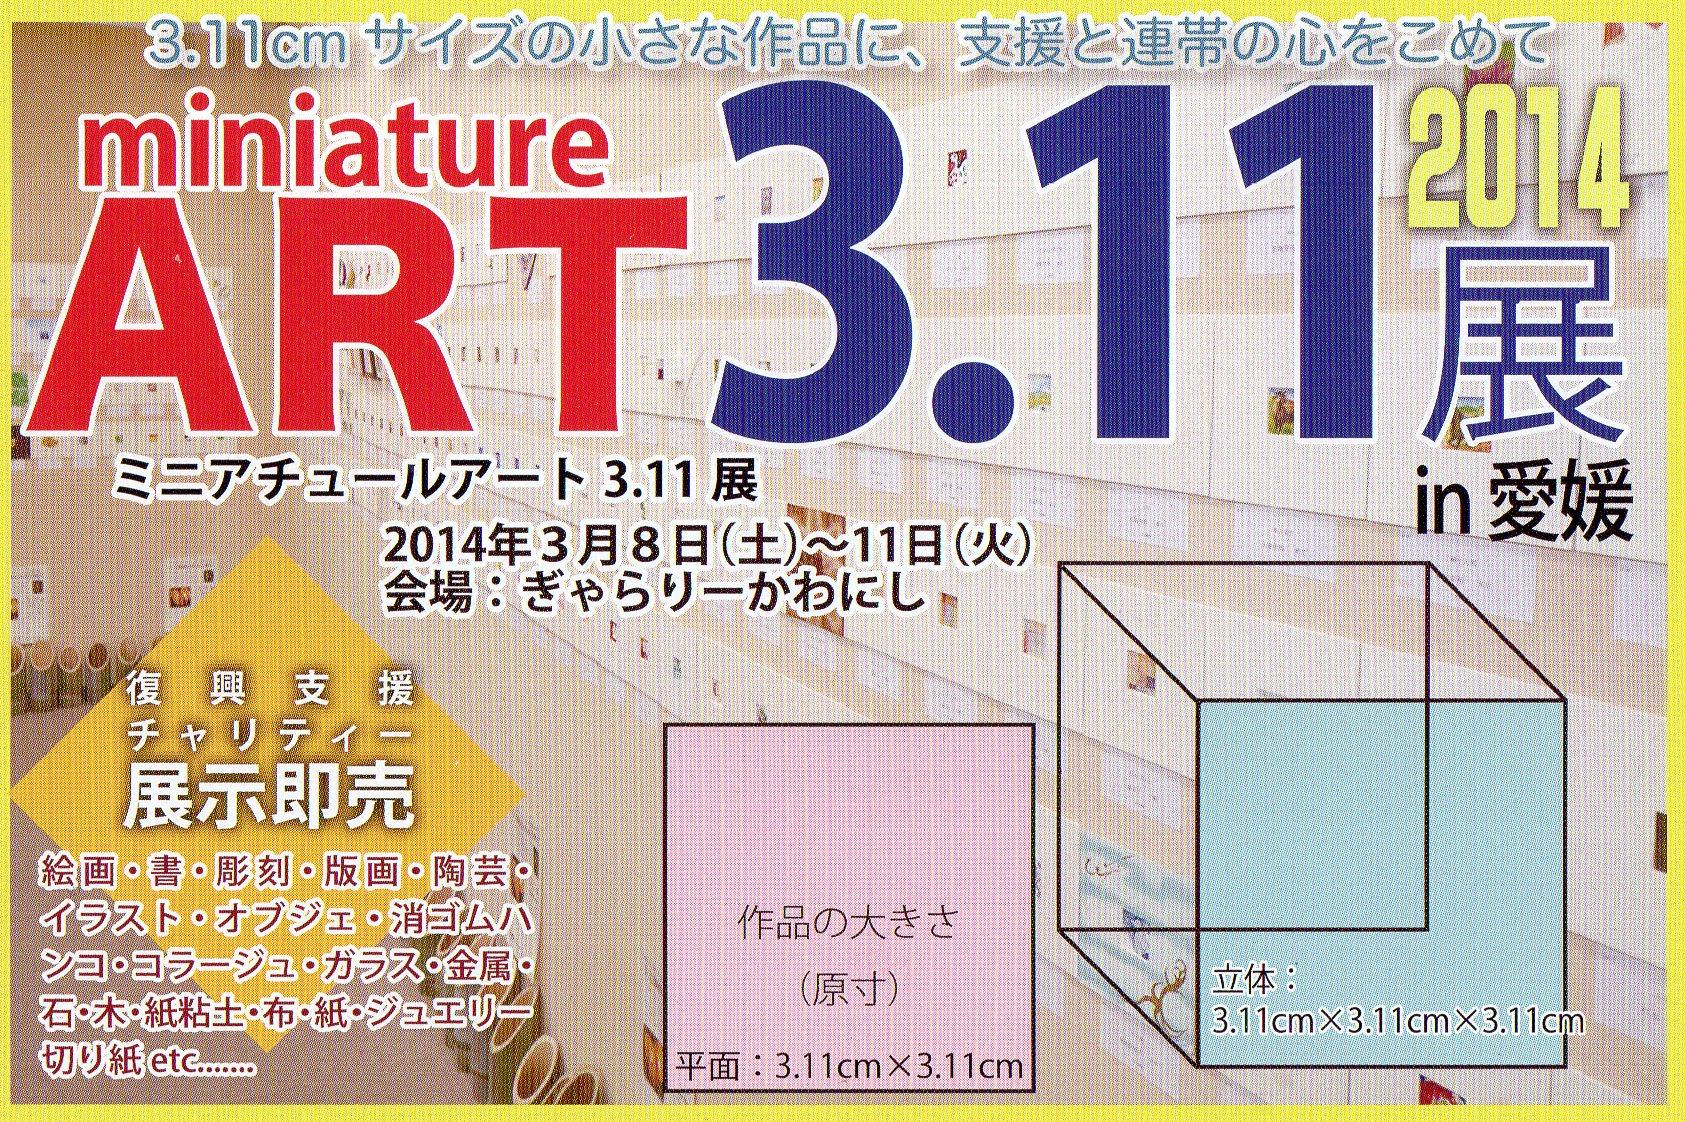 ミニアチュ-ル・アート 3・11 2014 in 愛媛